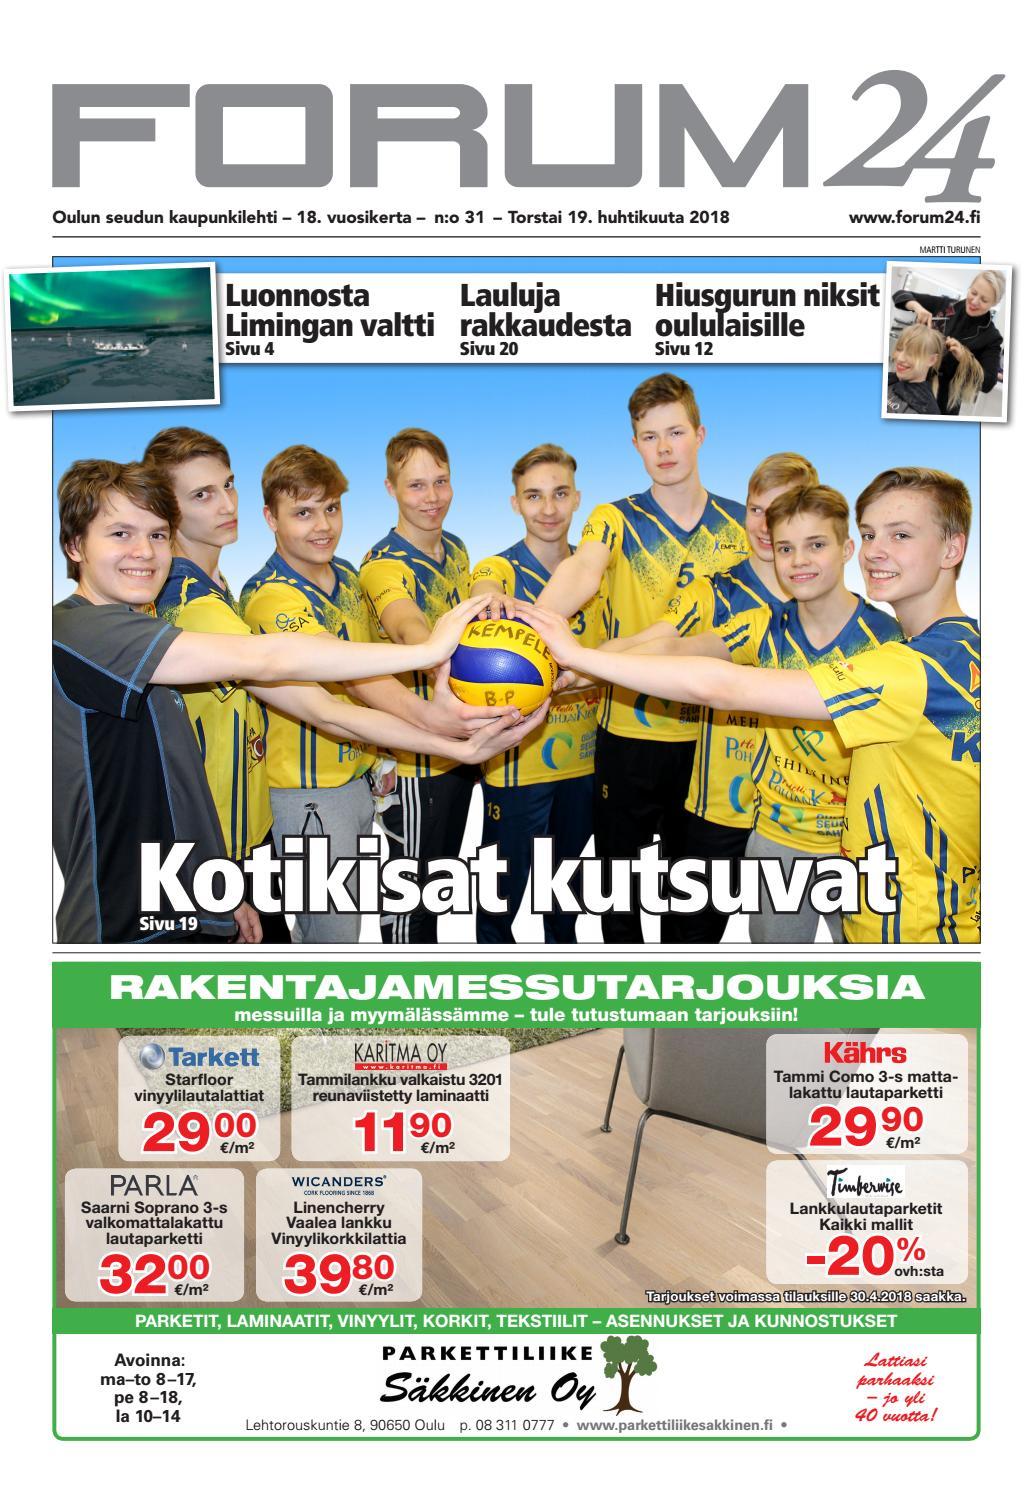 SJK:n vuosia kestänyt Ilves-kammo ei hellittänyt vieläkään Tampereella